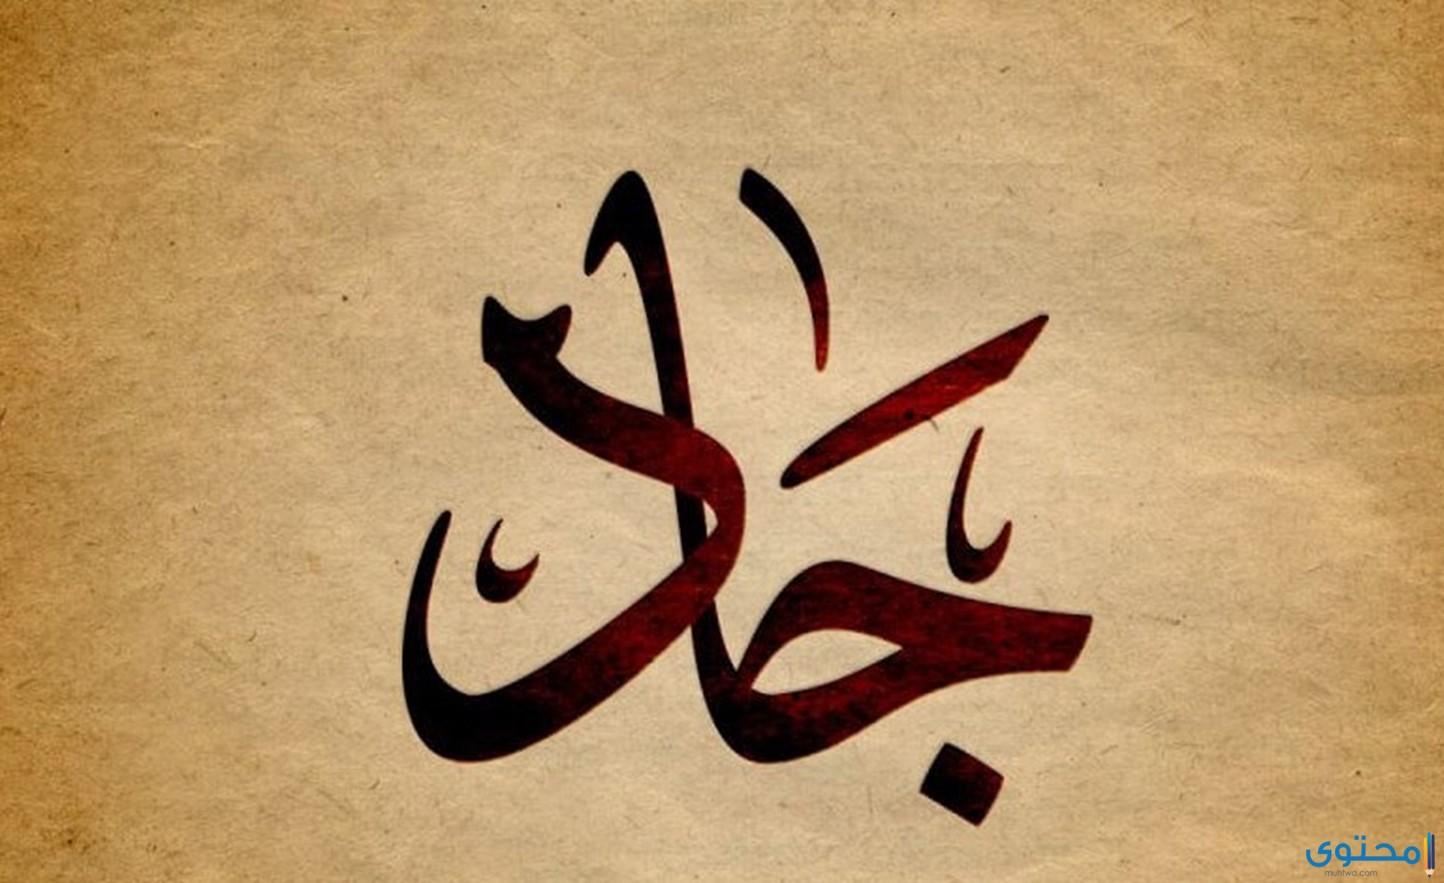 معنى اسم جاد وصفات من يحمله - موقع محتوى